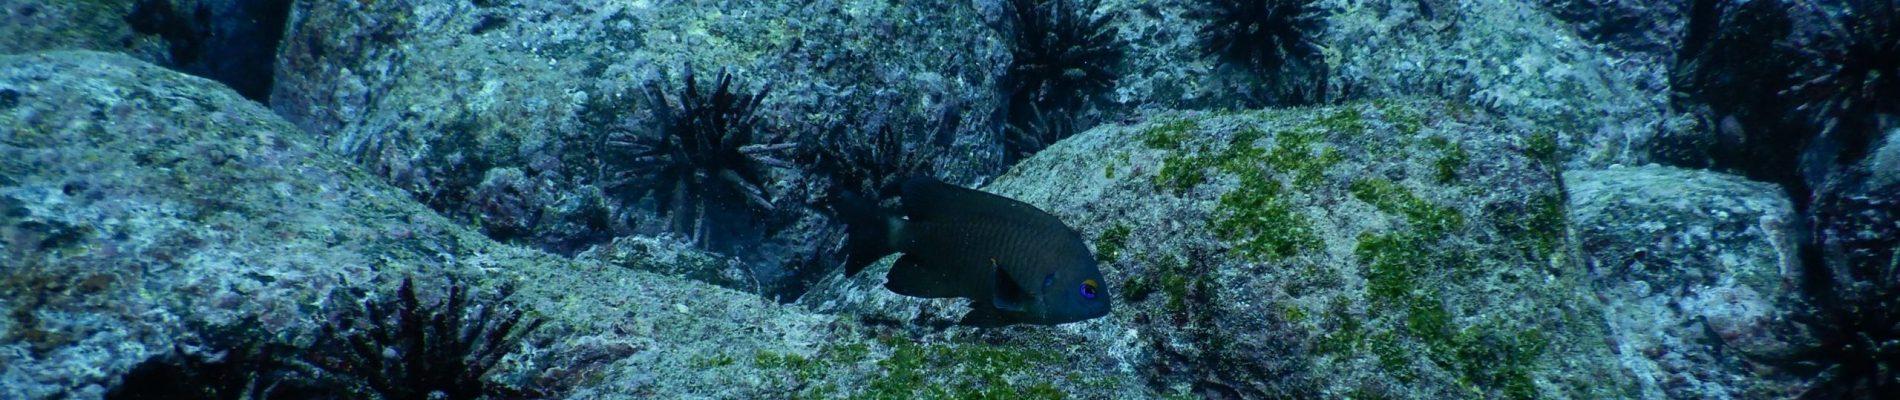 GalapagosReefs